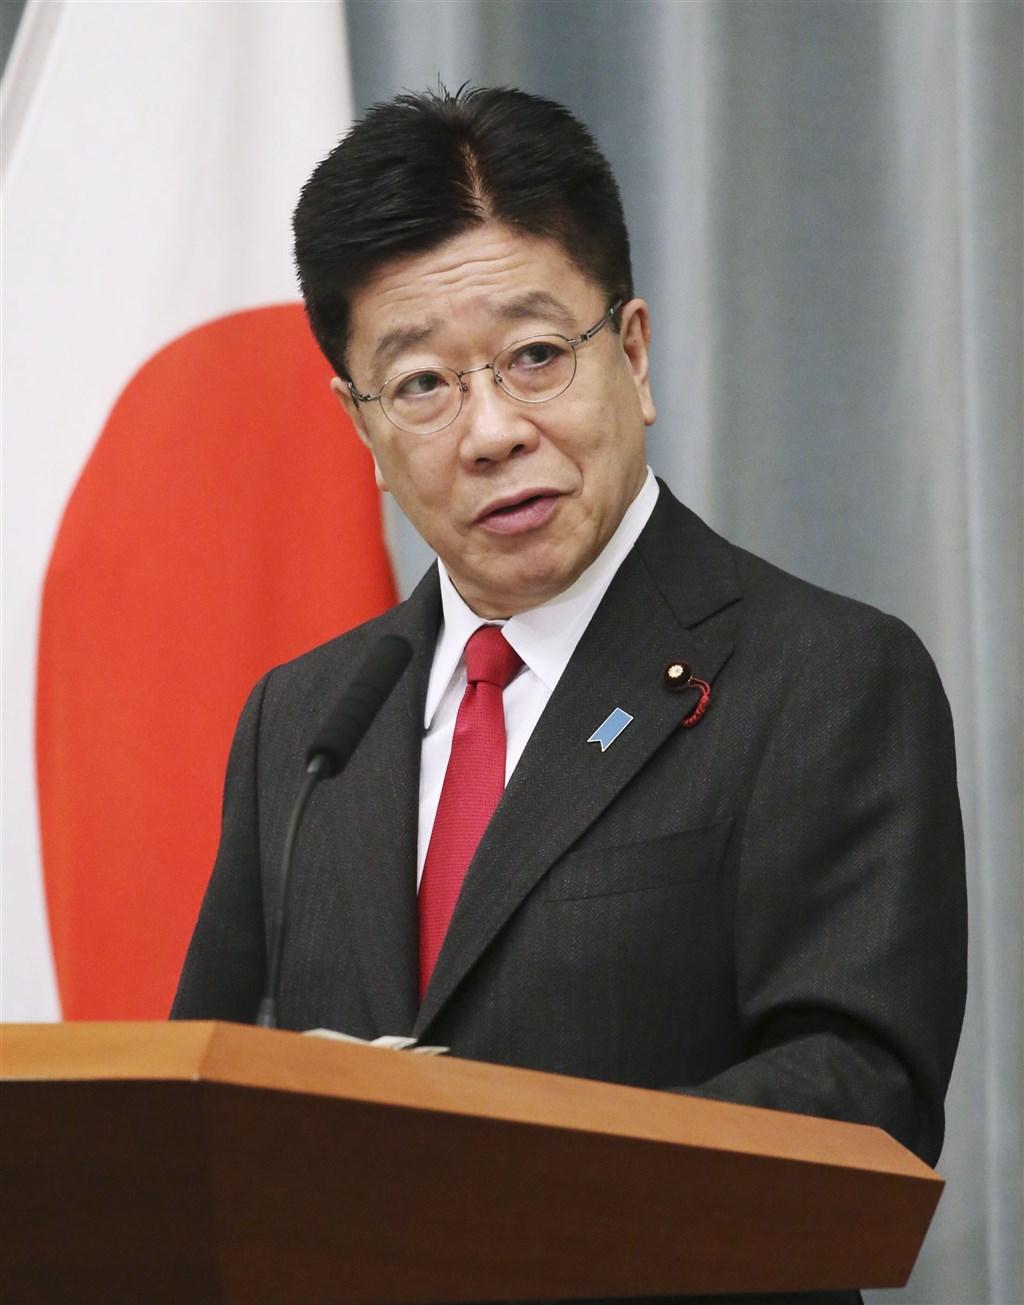 日本內閣官房長官加藤勝信25日表示,中國海上與航空戰力的活動急速擴大並變得頻繁,日本政府將持續關注。(共同社)